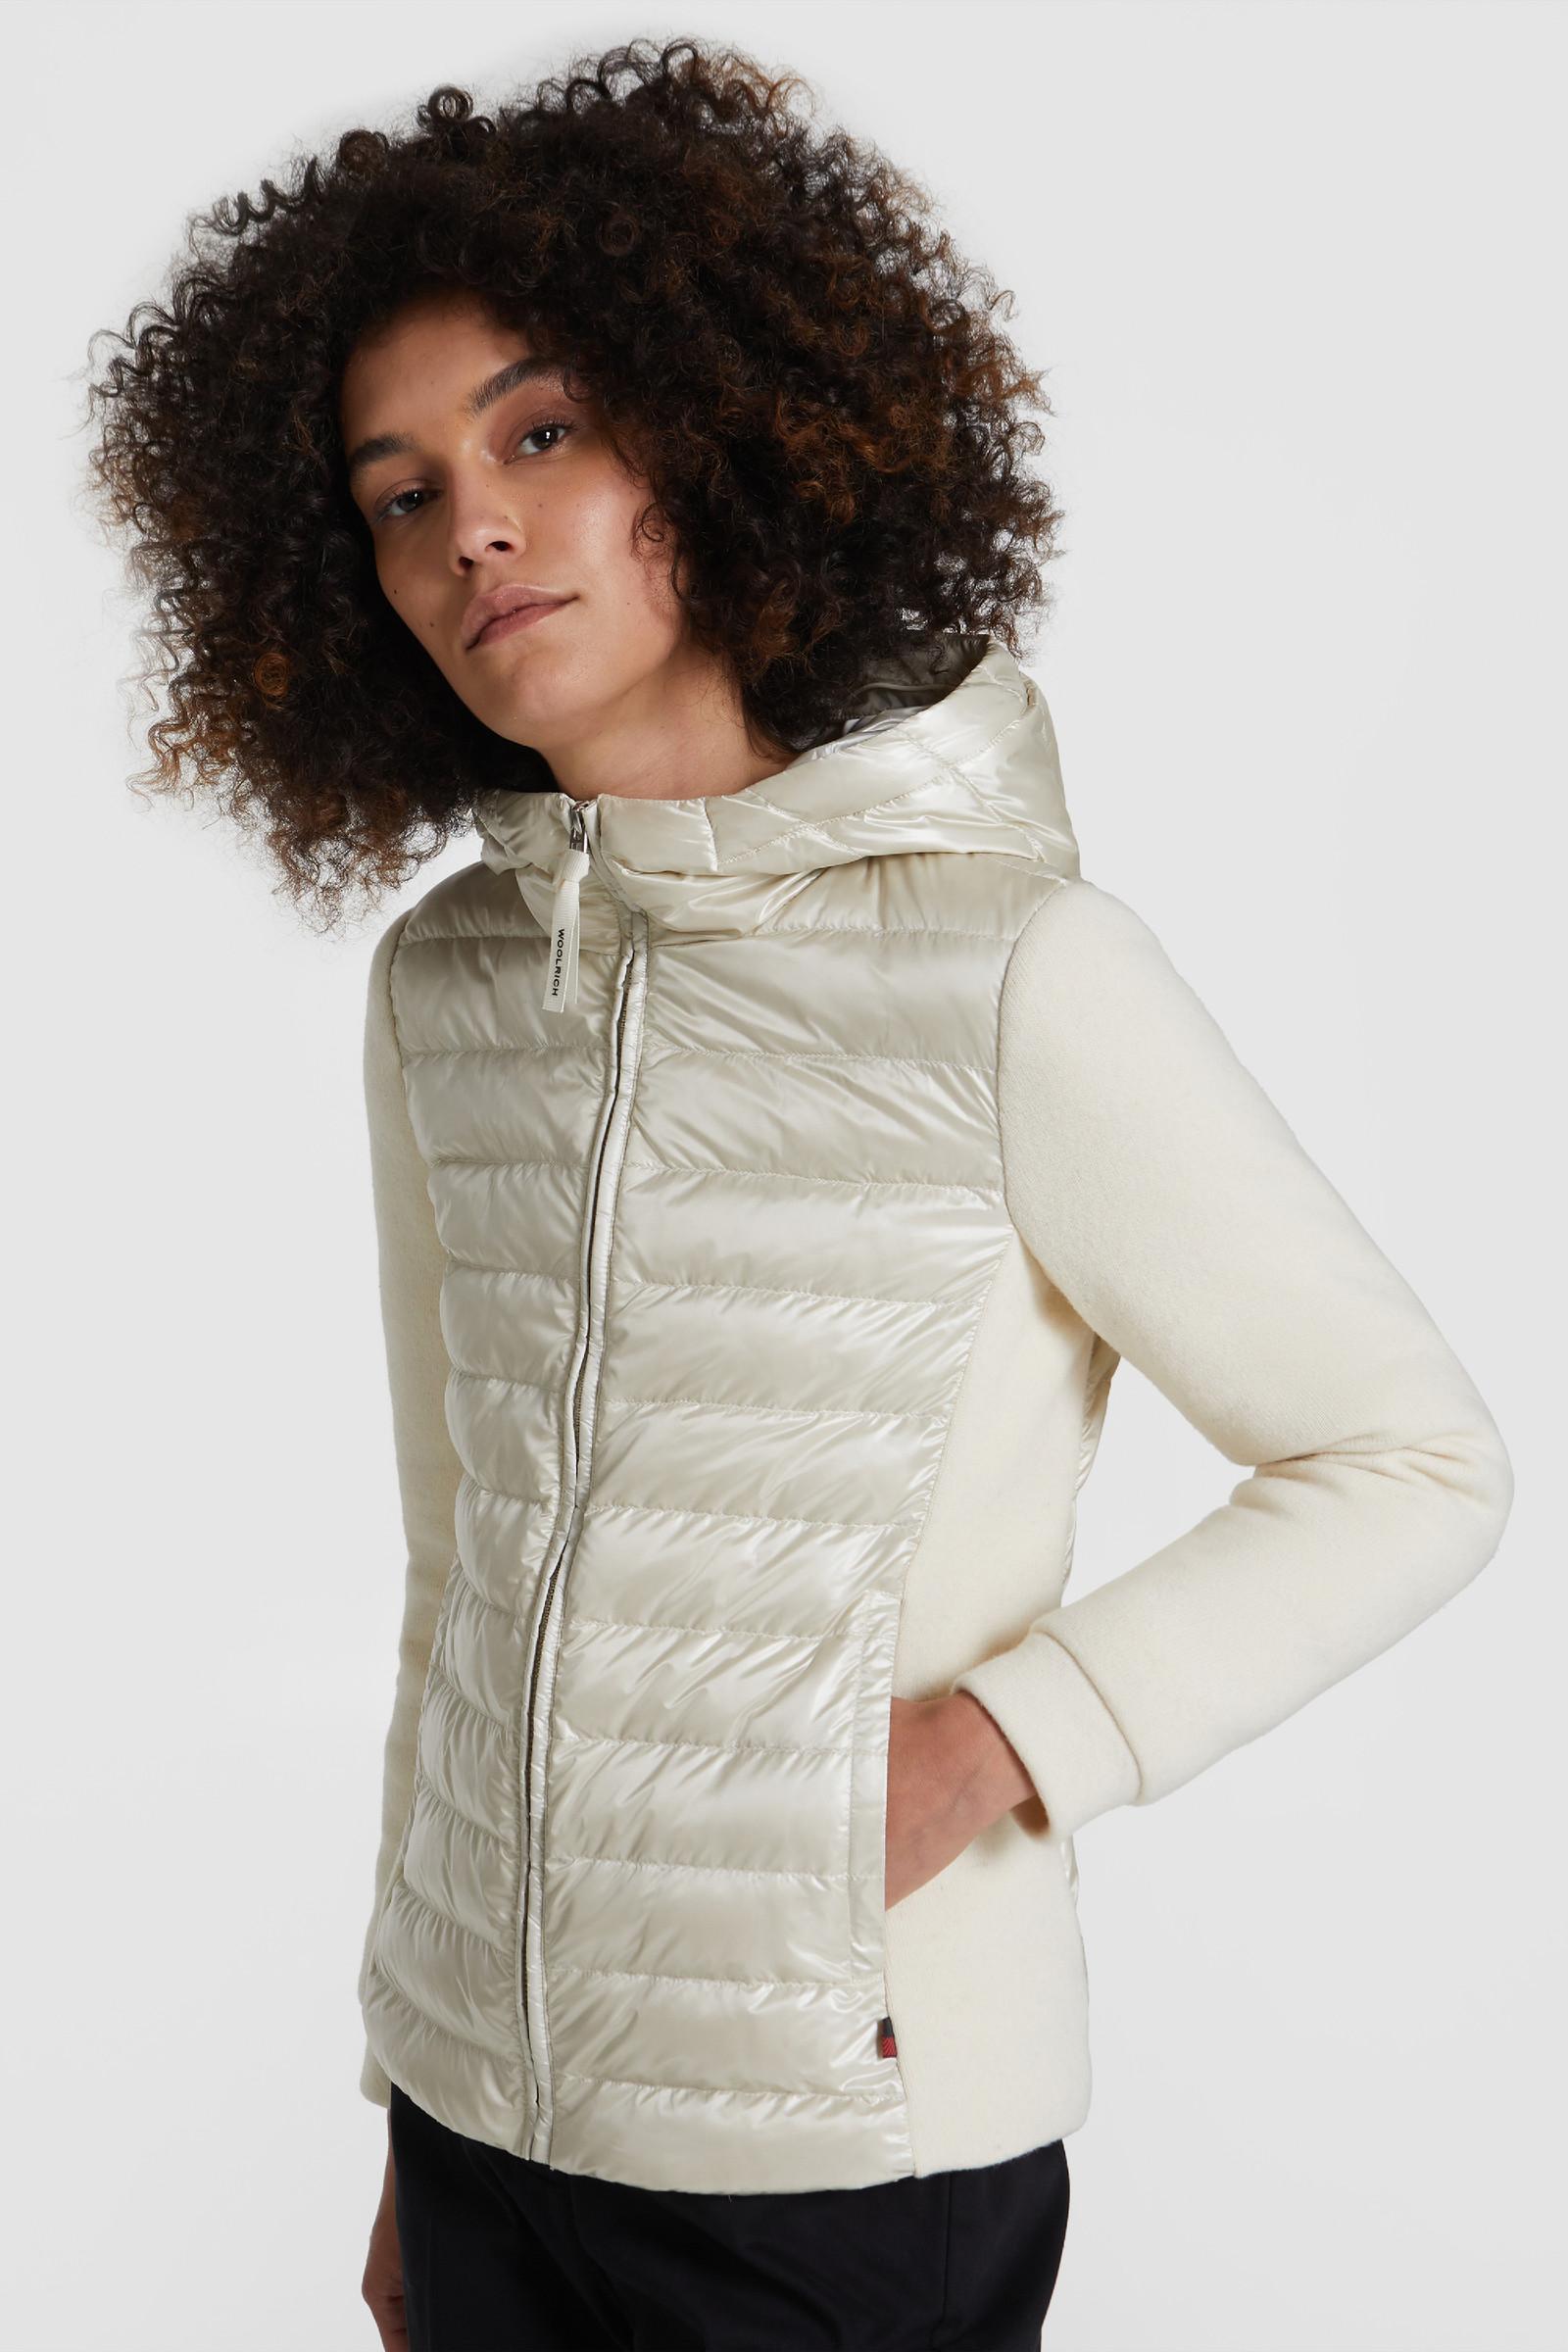 Padded Sweatshirt With Hood And Fox Fur